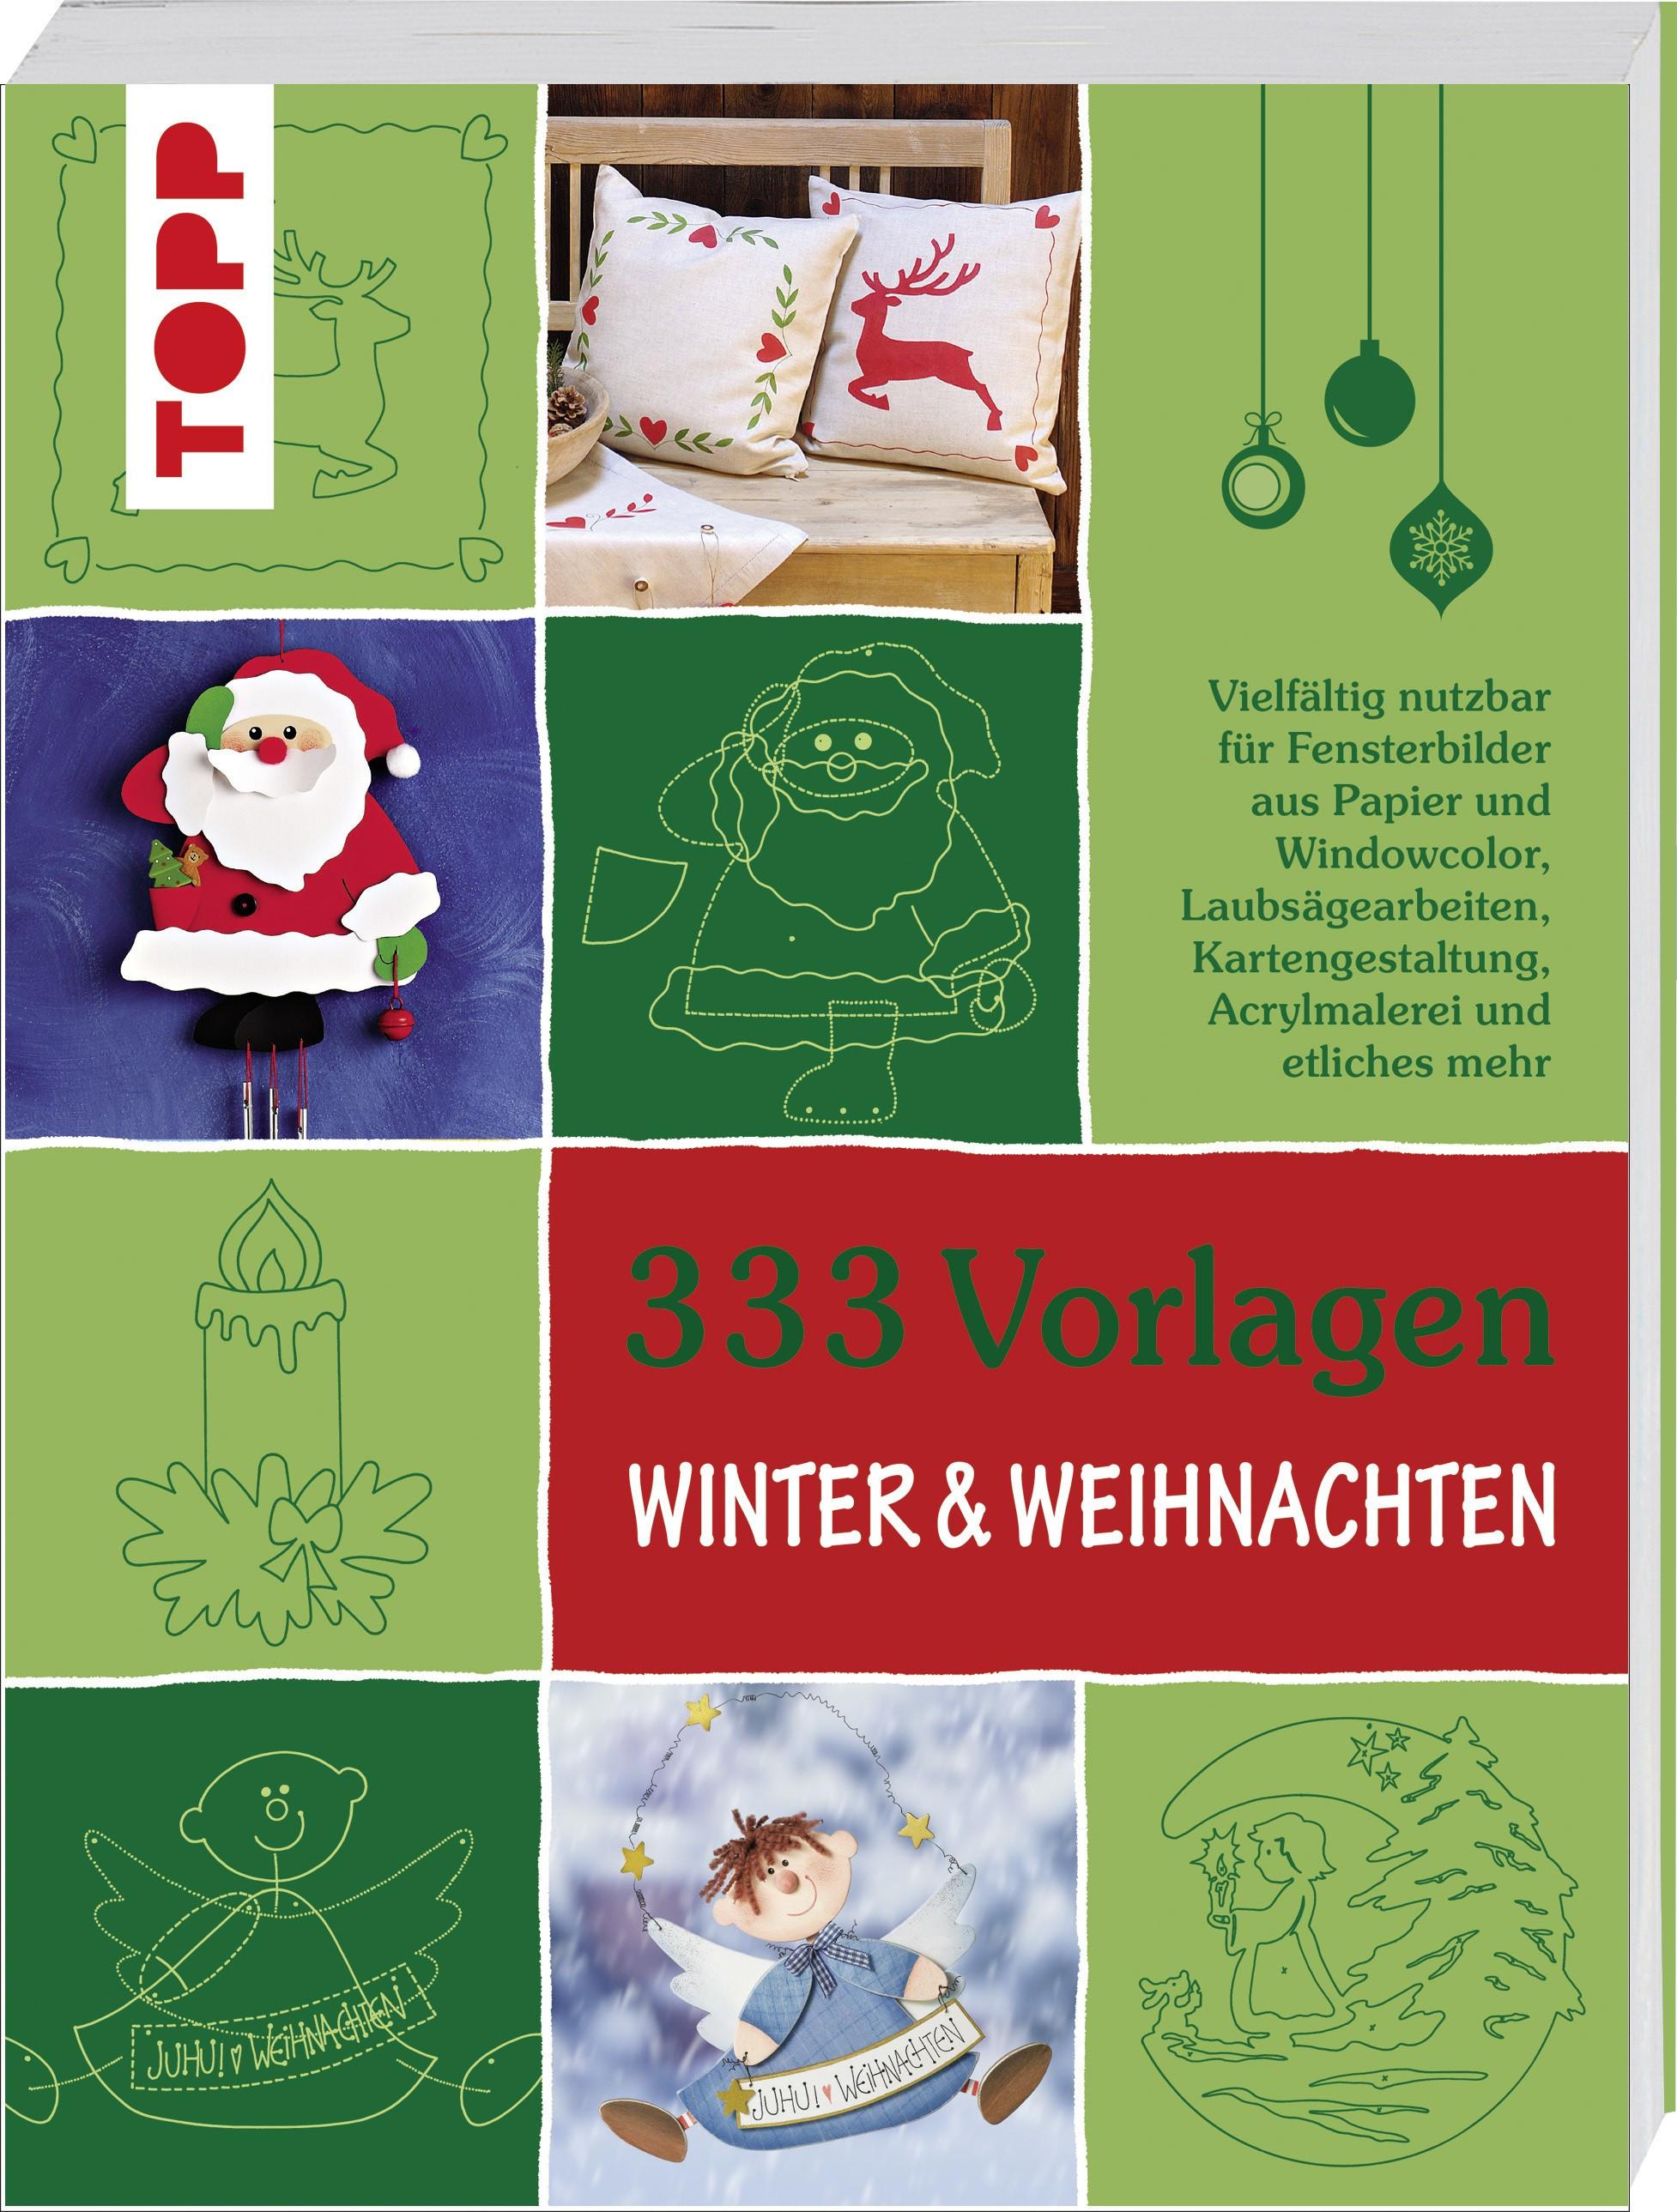 Malvorlagen Weihnachten Winter Einzigartig Winter Vorlagen New 333 Vorlagen Winter Weihnachten Vorlagen Stock